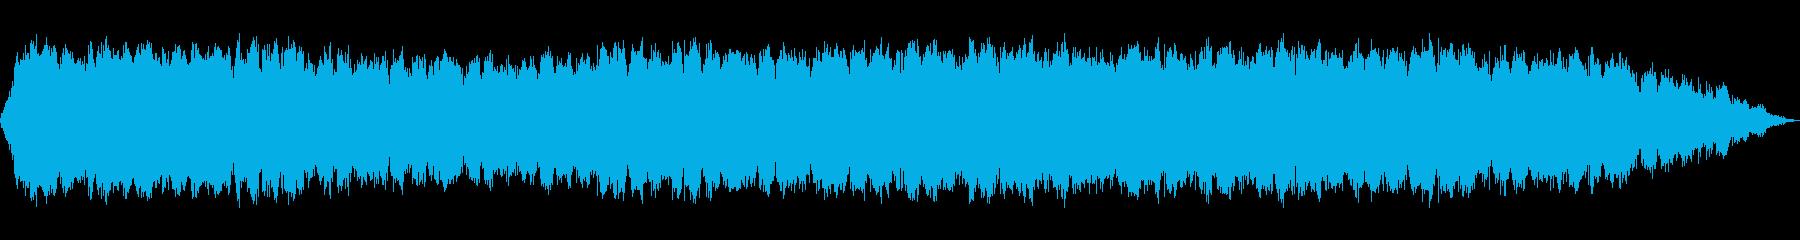 生演奏のケーナの切ない雰囲気のメロディーの再生済みの波形